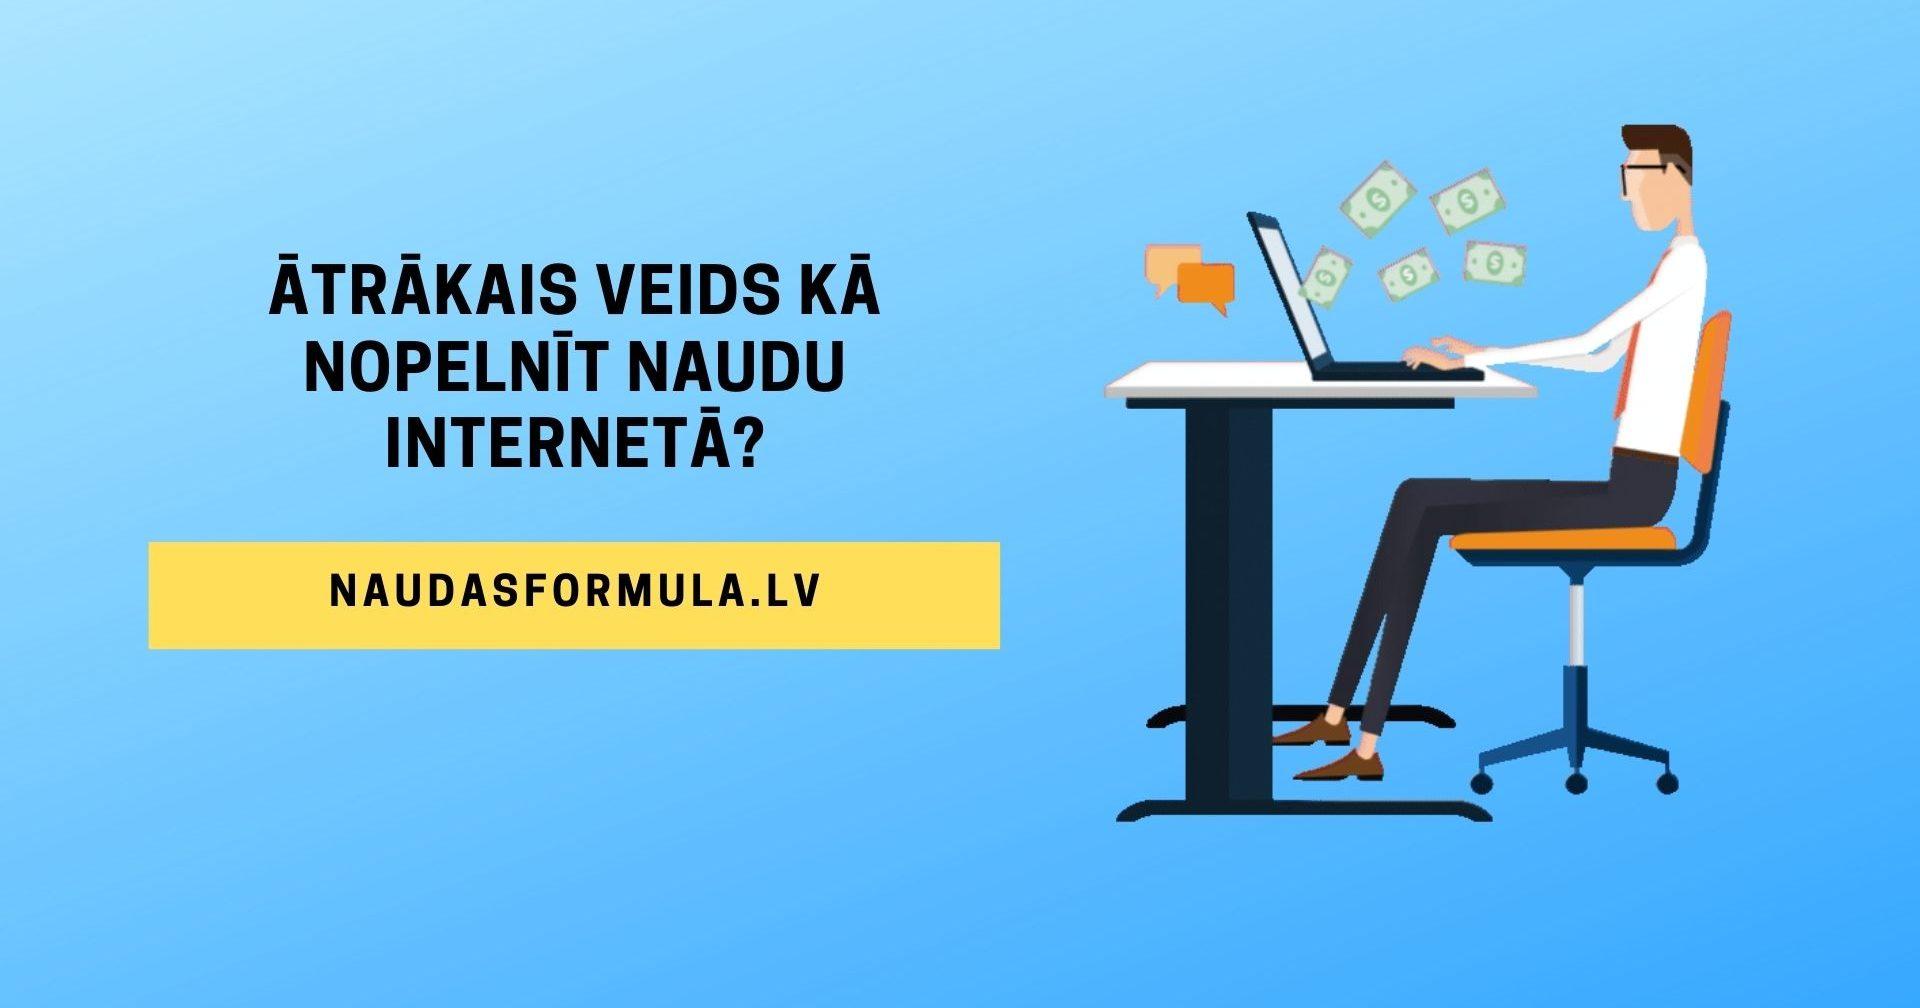 kā nopelnīt 10 eiro internetā